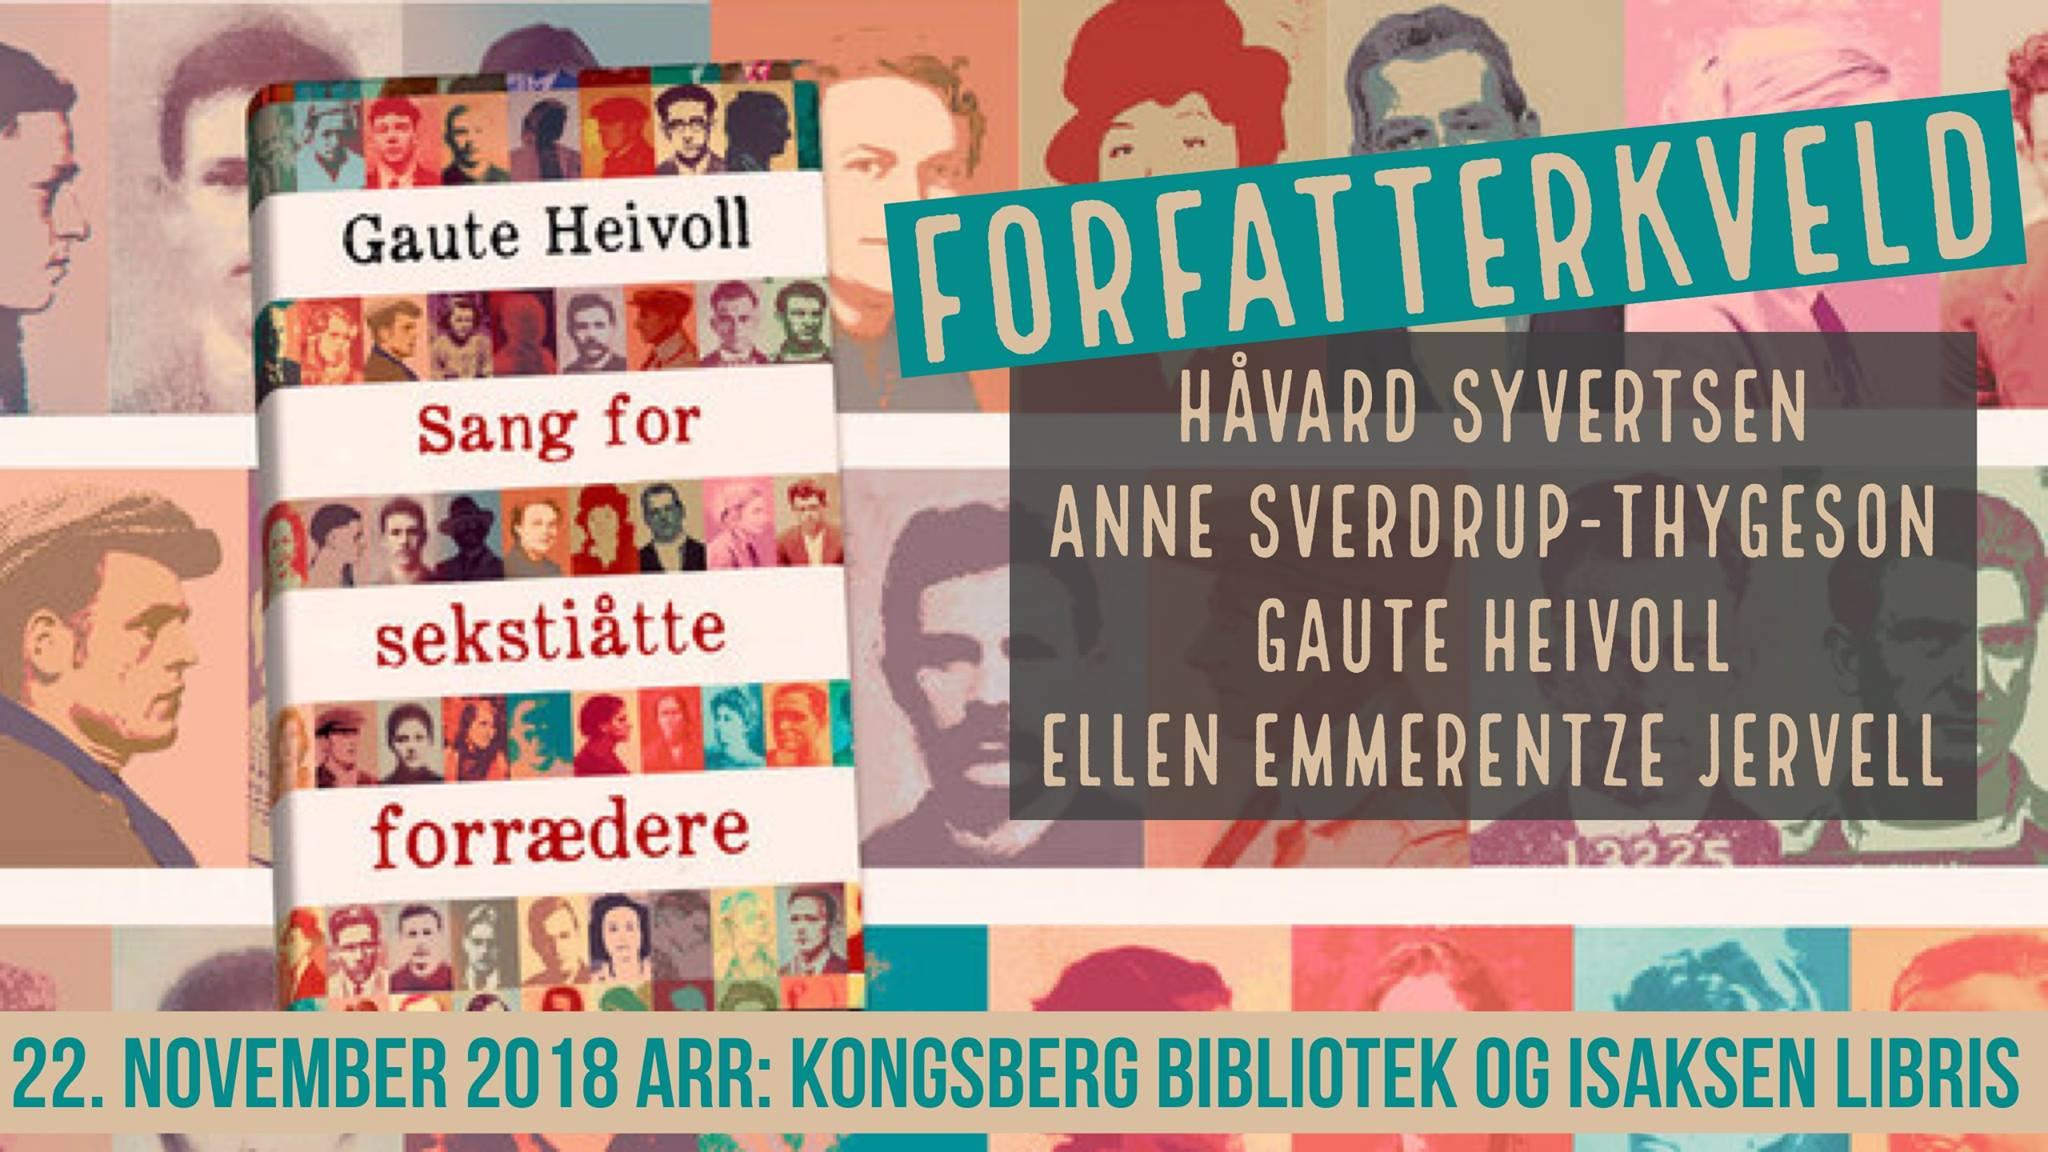 Forfatterkveld @ Sølvsalen, Kongsberg musikkteater